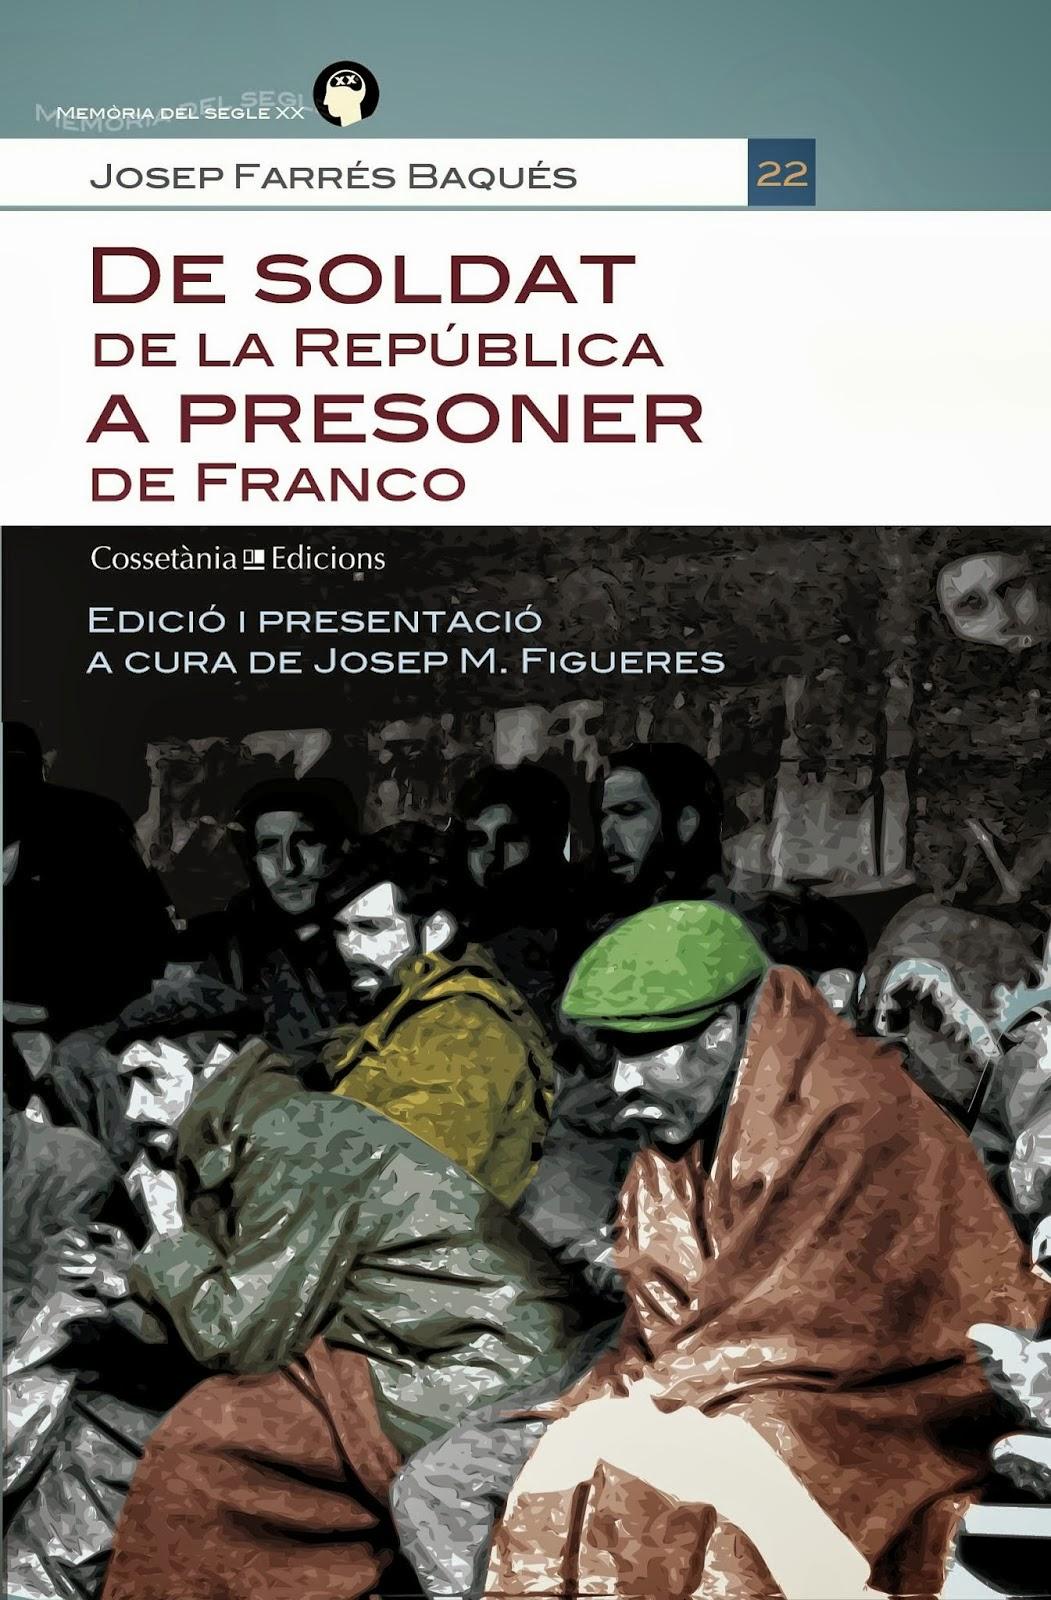 'DE SOLDAT DE LA REPÚBLICA A PRESONER DE FRANCO', Josep Farrés i Baqués.